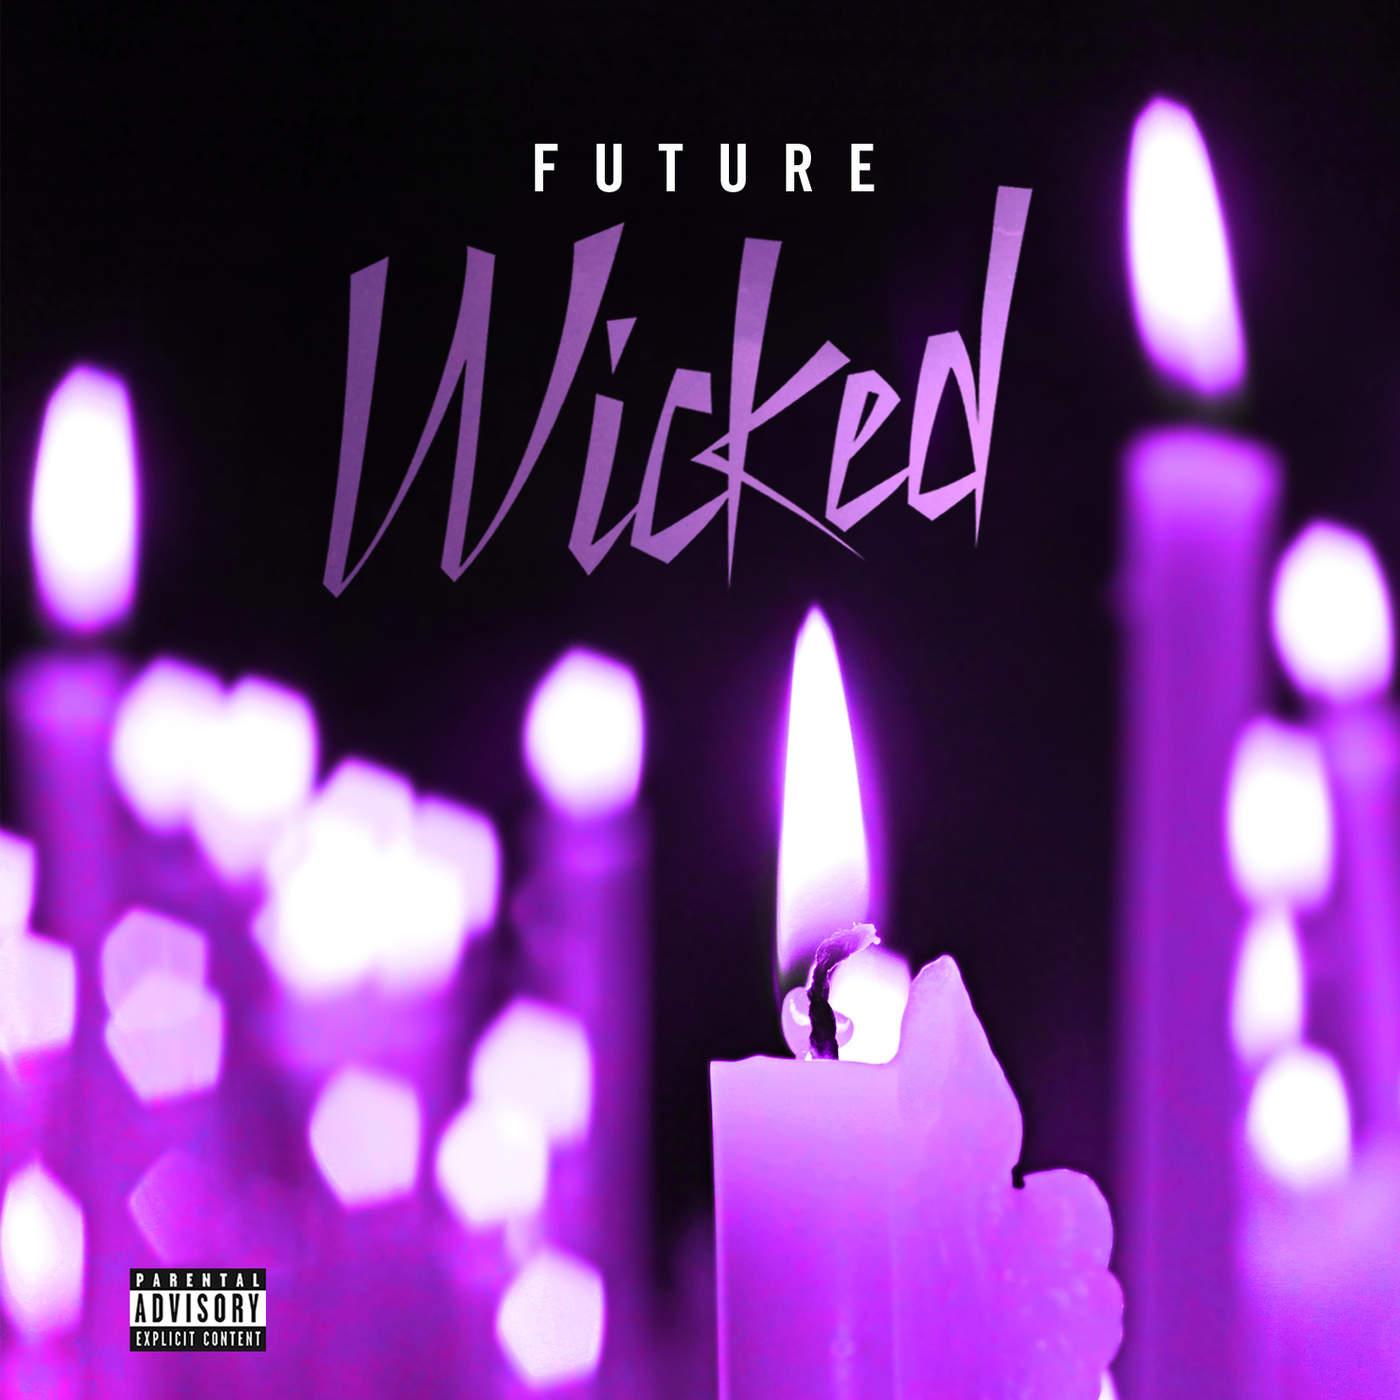 Future - Wicked - Single Cover